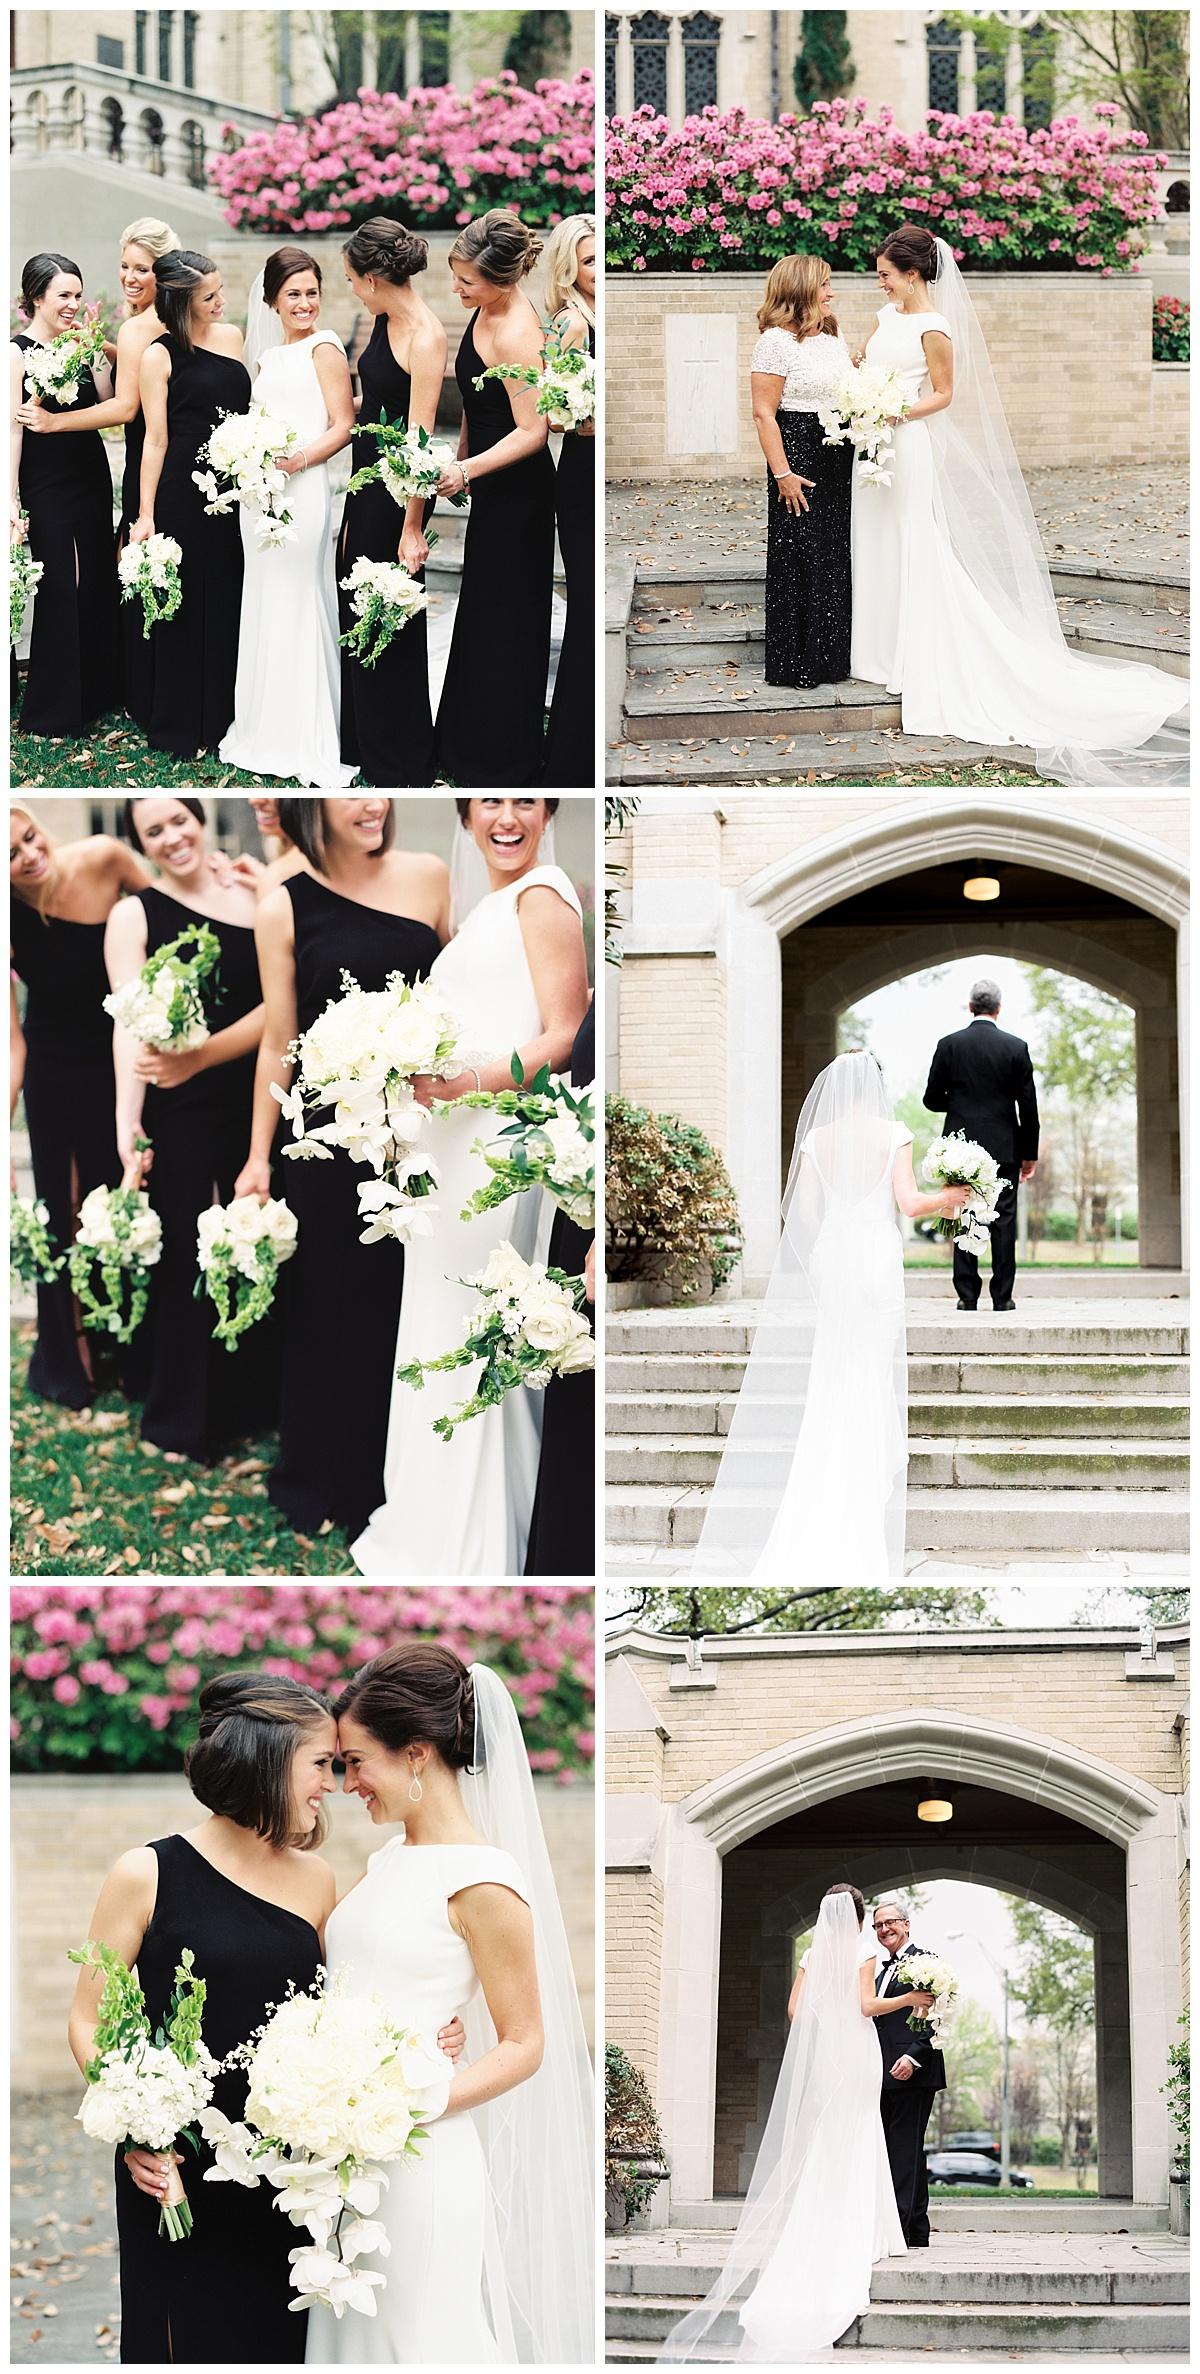 dallas-country-club-wedding-ar-photography-8.jpg